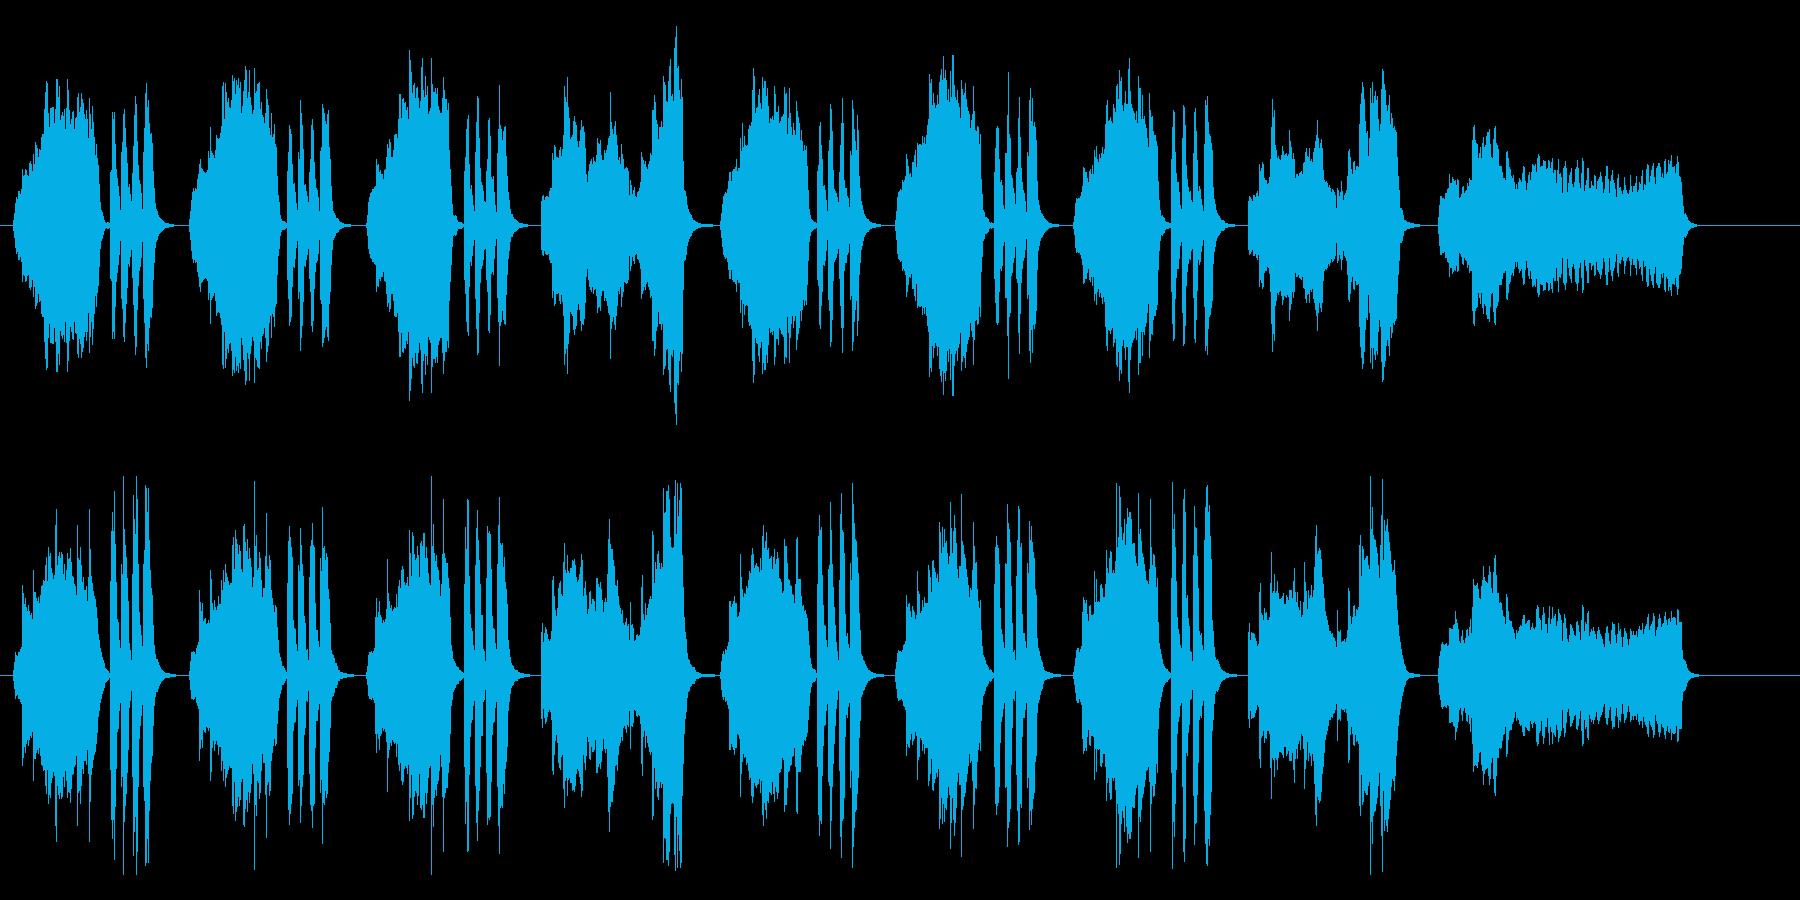 気だるげなバイオリンの退屈感あるBGMの再生済みの波形